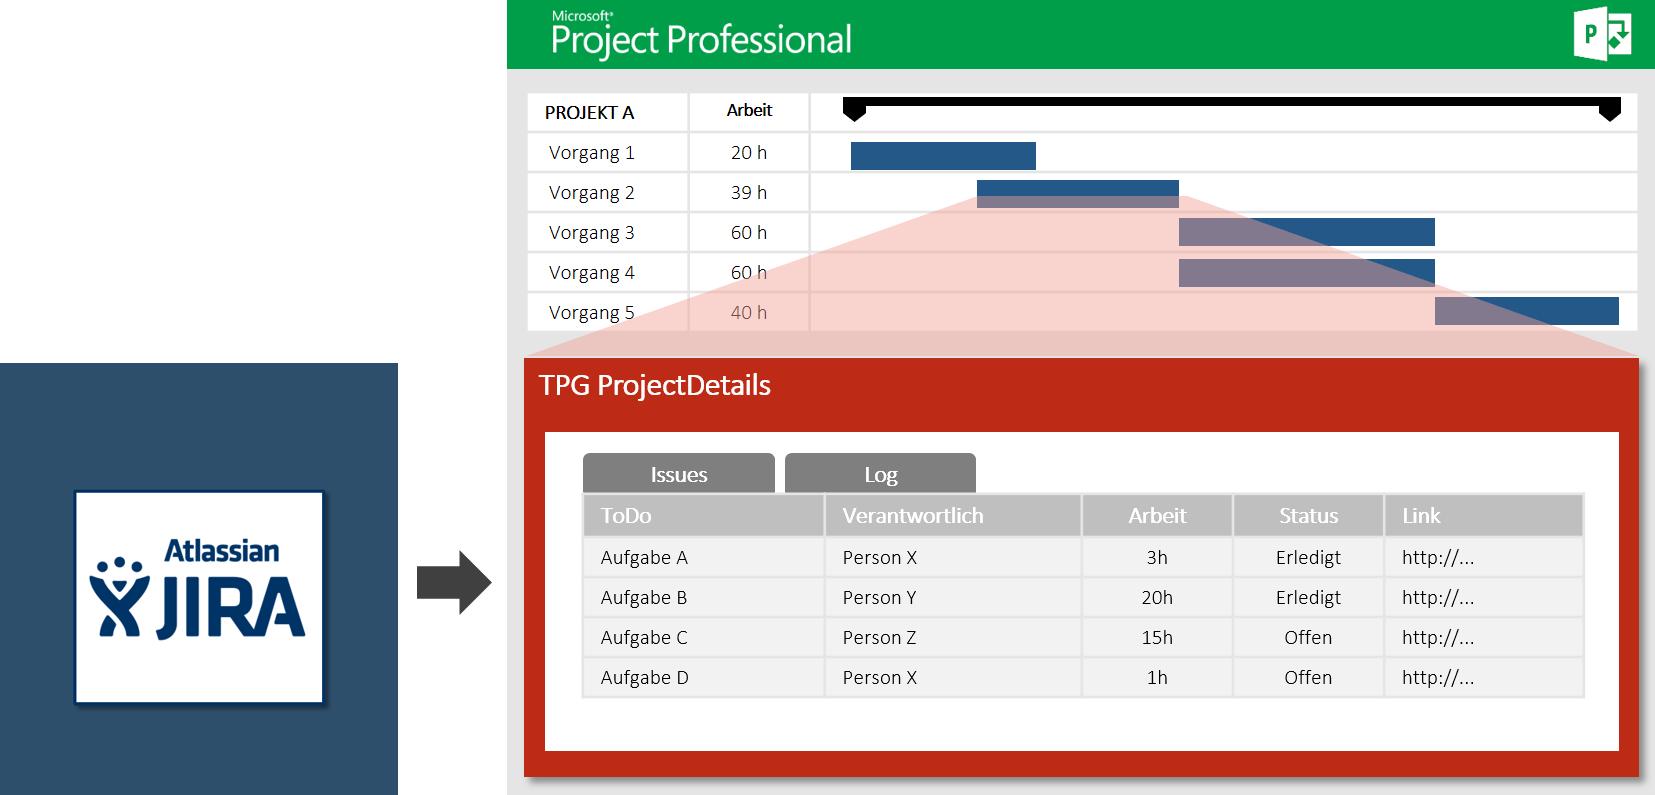 agile, klassisches oder hybrides Projektmanagement 8